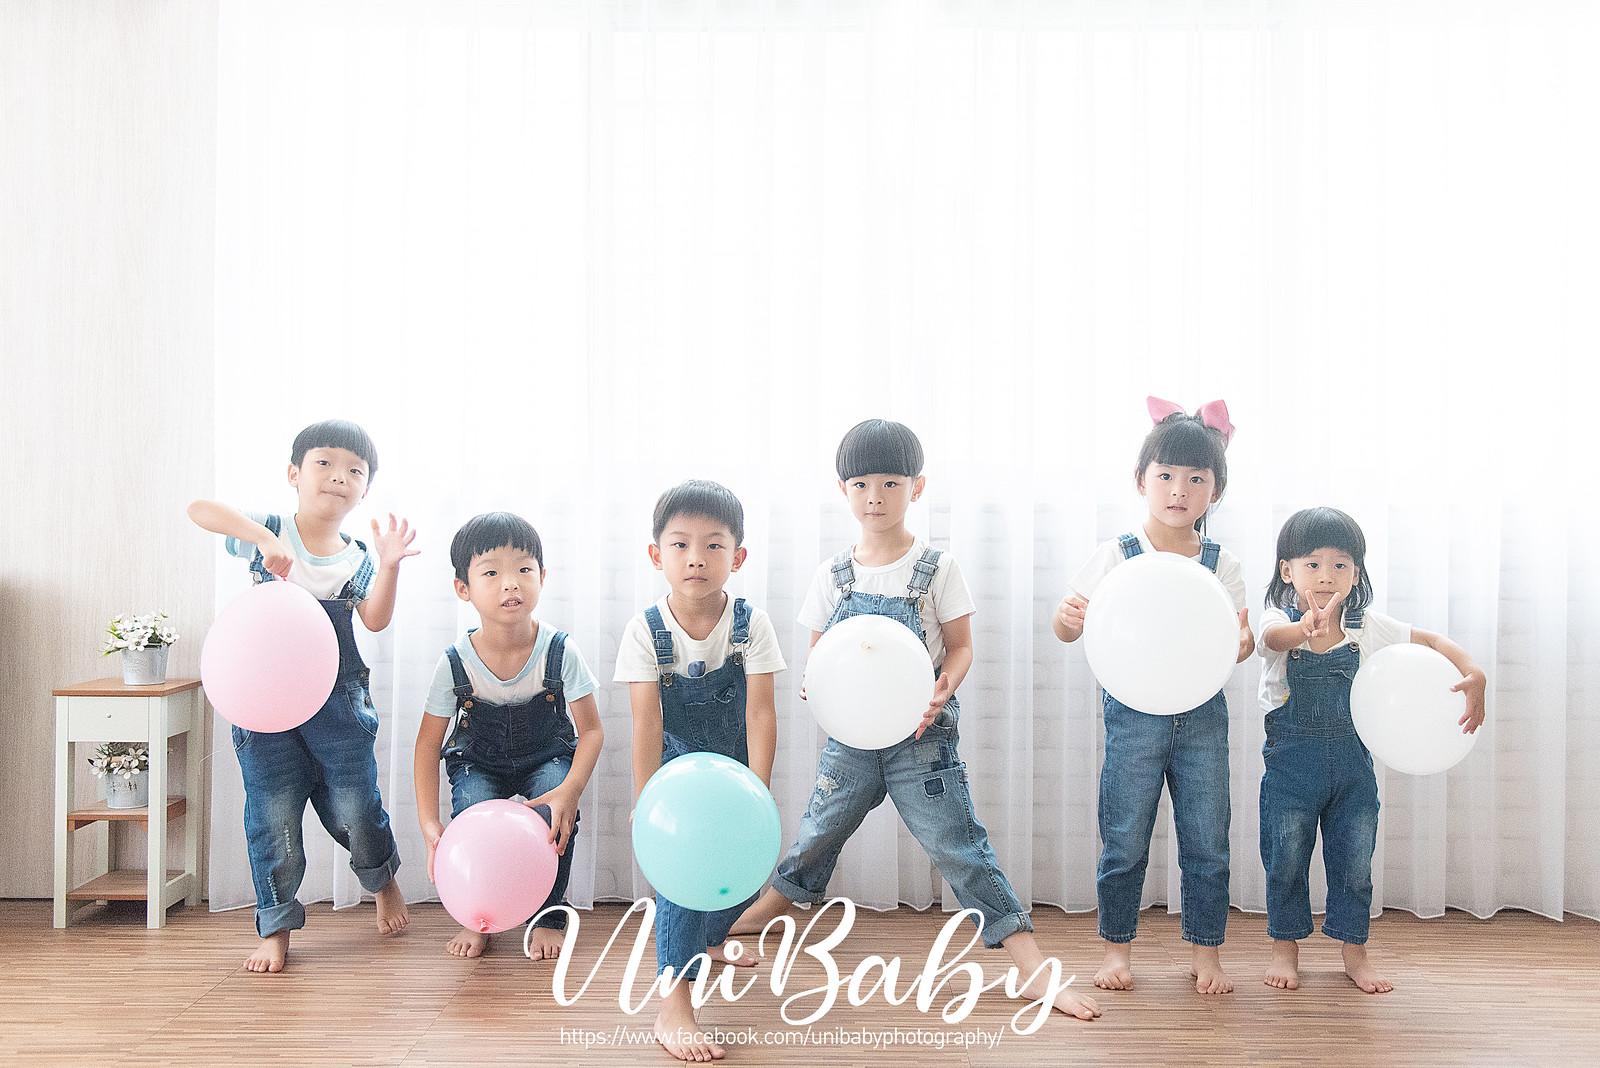 UniBaby 攝影棚 嘉嘉媽咪團拍親子寫真精修-6FB